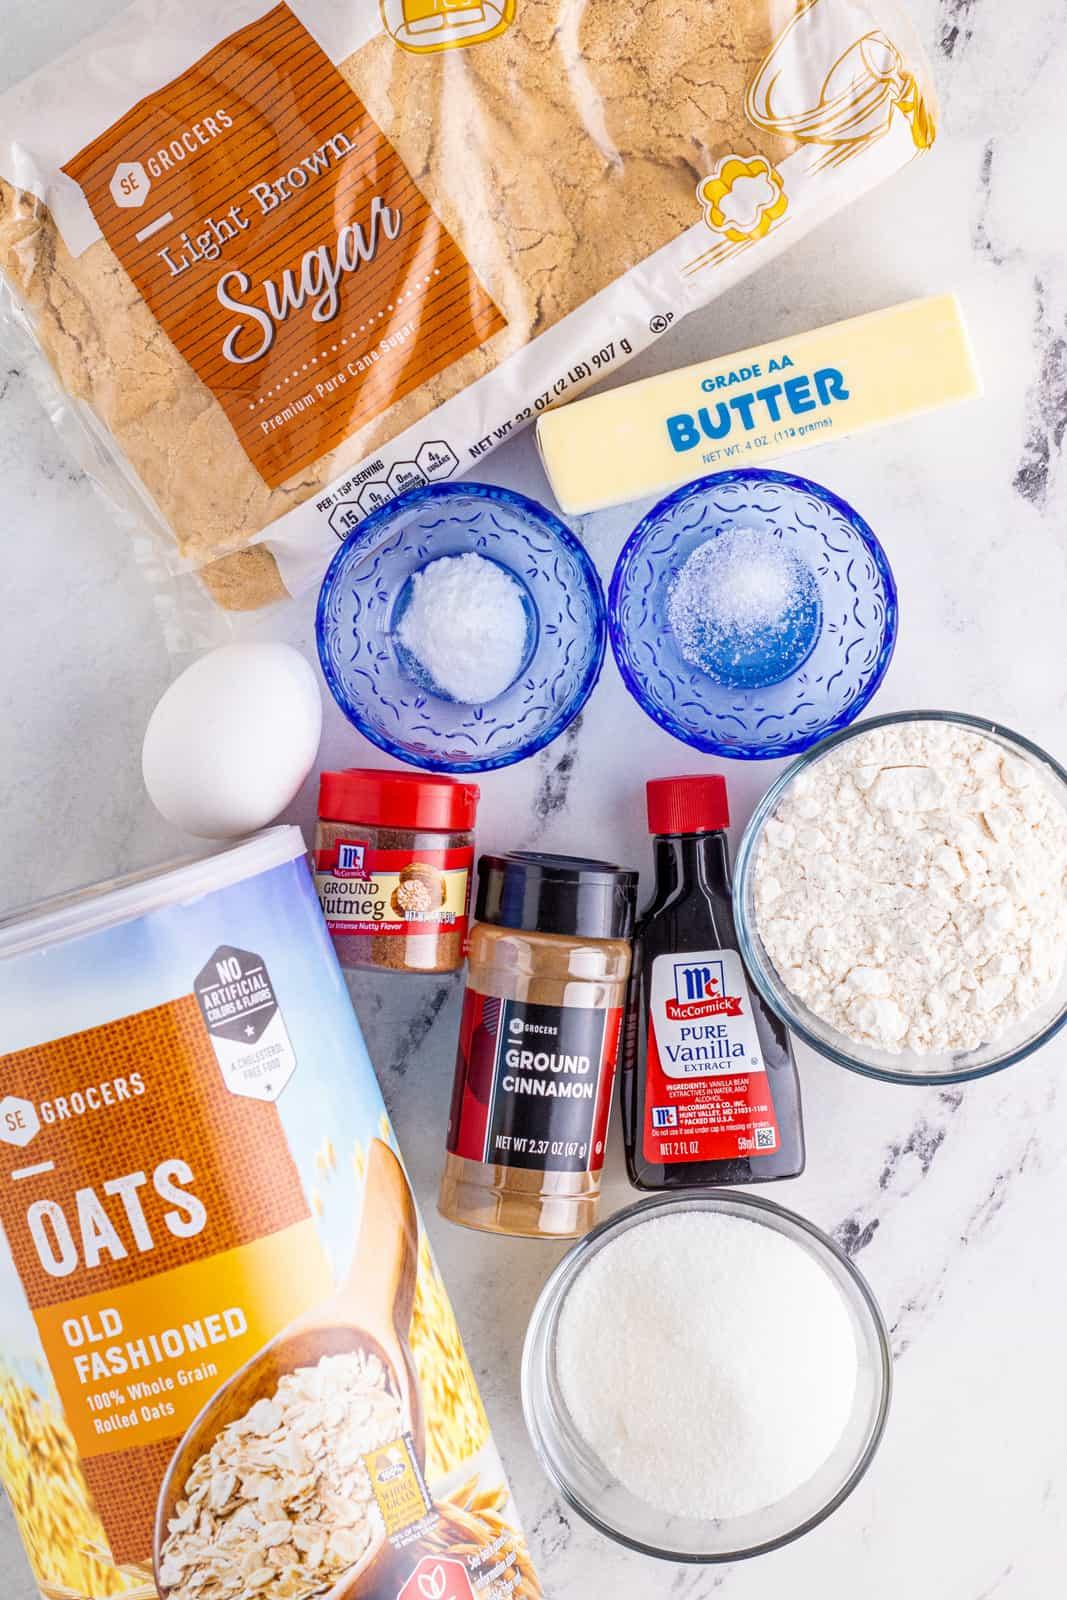 Ingrerdients needed to make Iced Oatmeal Cookies.